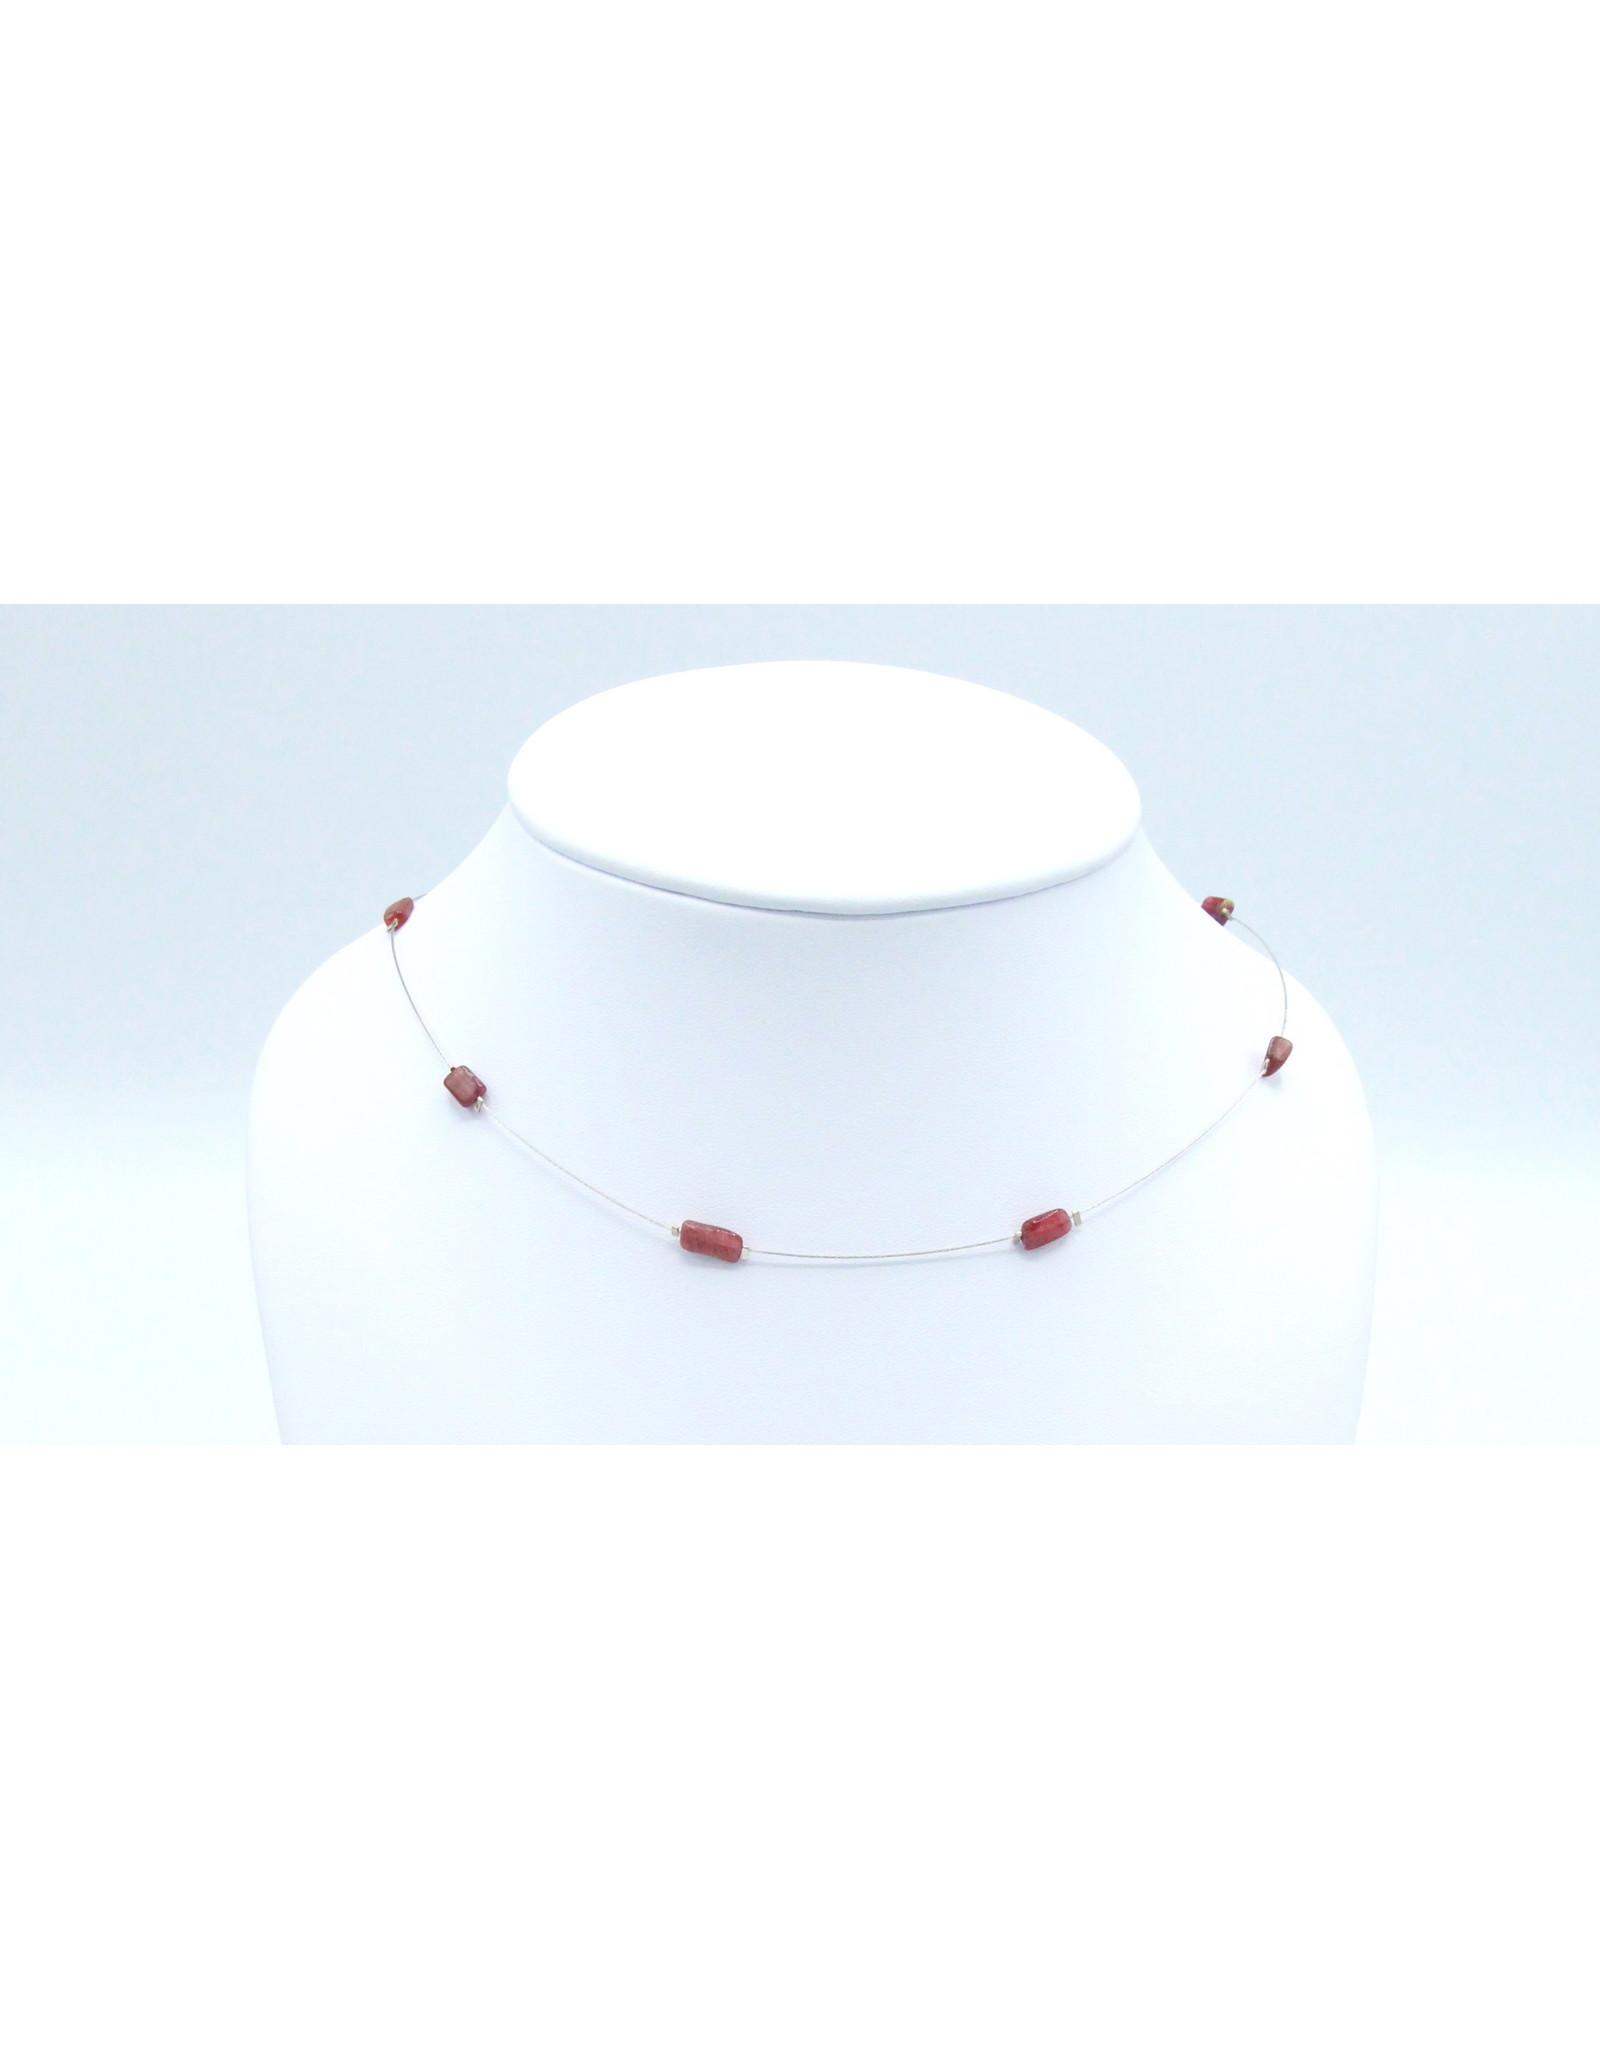 Eudialyte Necklace - NE03